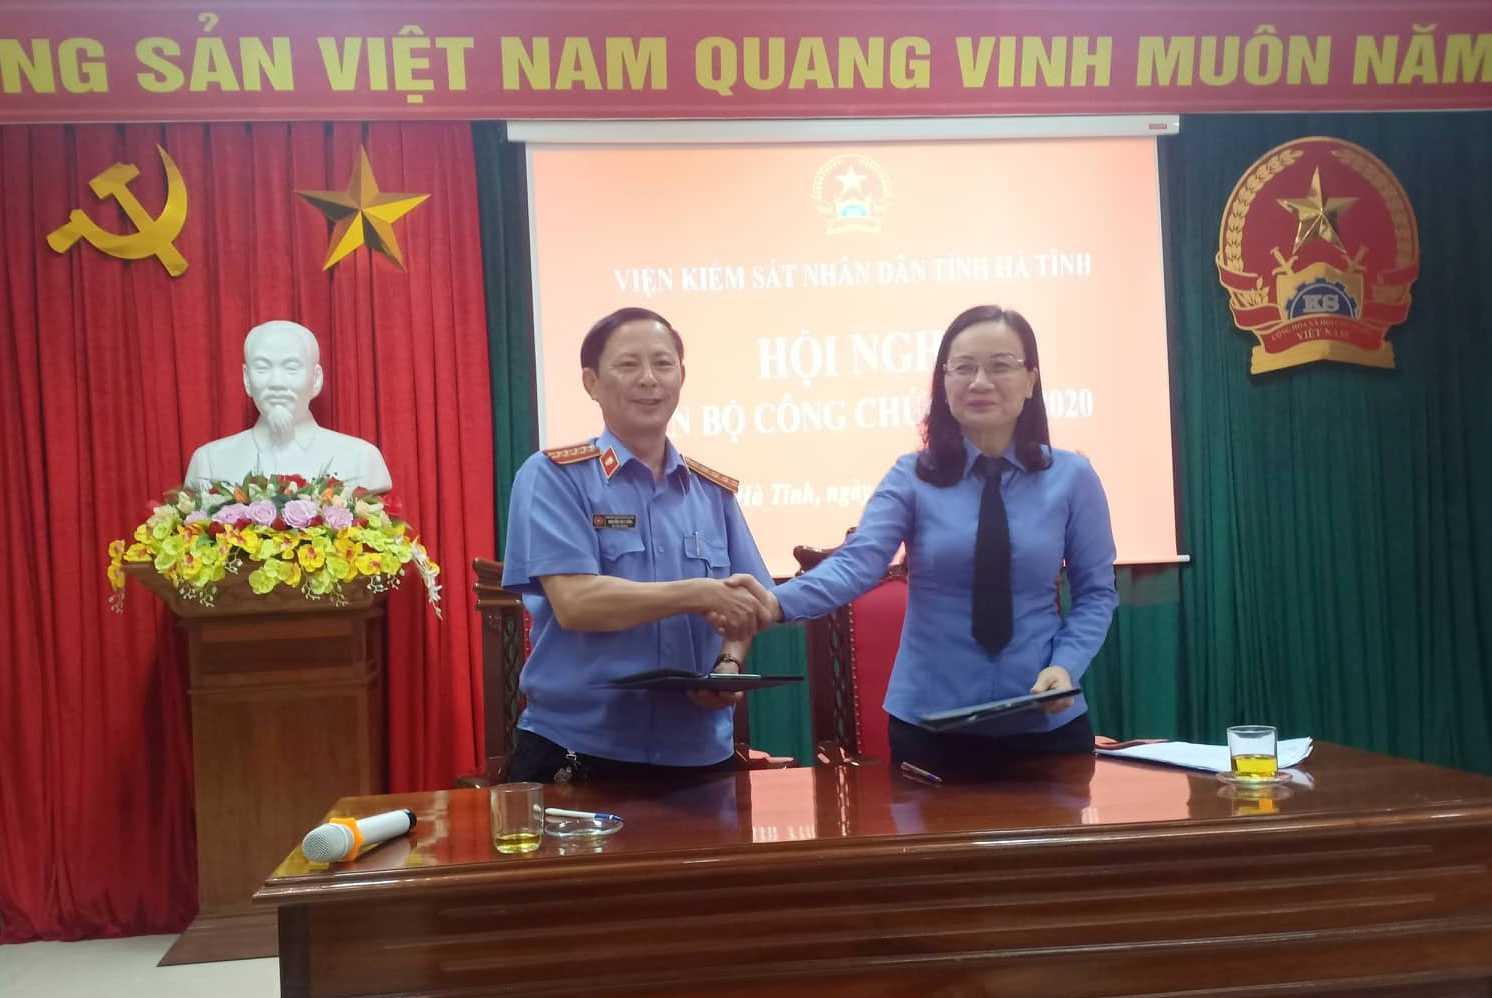 Viện Kiểm sát nhân dân tỉnh Hà Tĩnh: Hội nghị cán bộ công chức năm 2020